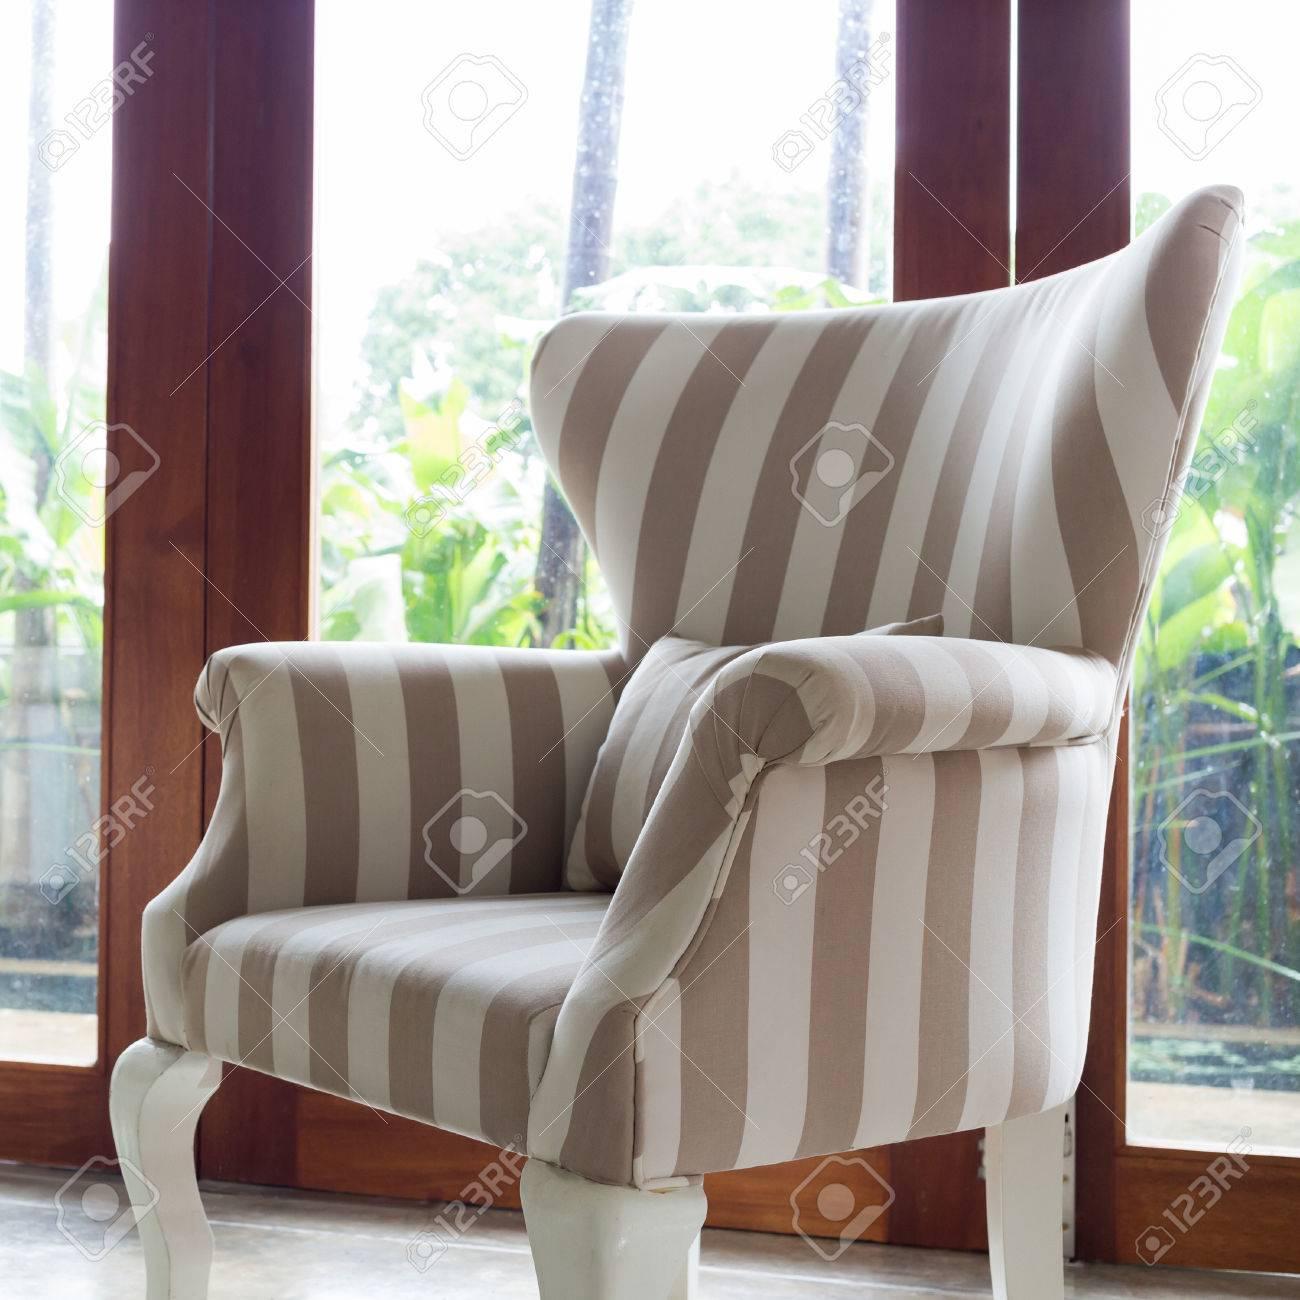 Design Inter Wohnzimmer Mit Sofa Möbel Mit Spiegel Fenster Und Grünen  Garten Hintergrund Standard